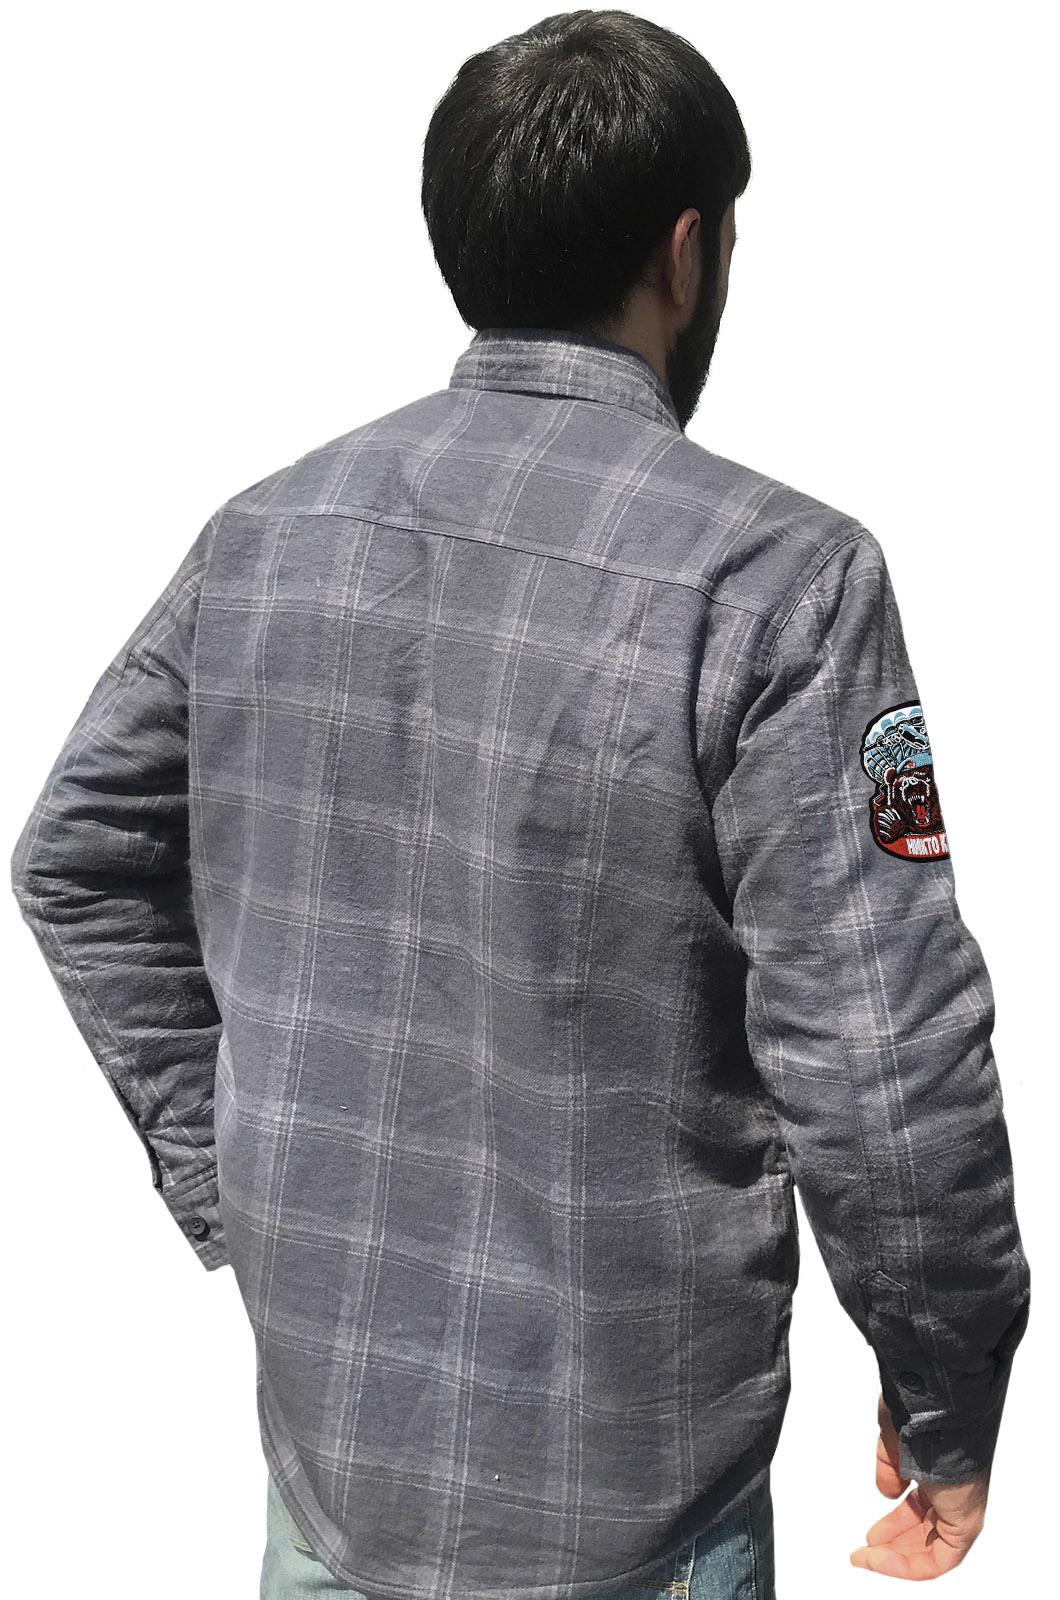 Купить утепленную мужскую рубашку с вышитым шевроном ВДВ Медведь по лучшей цене